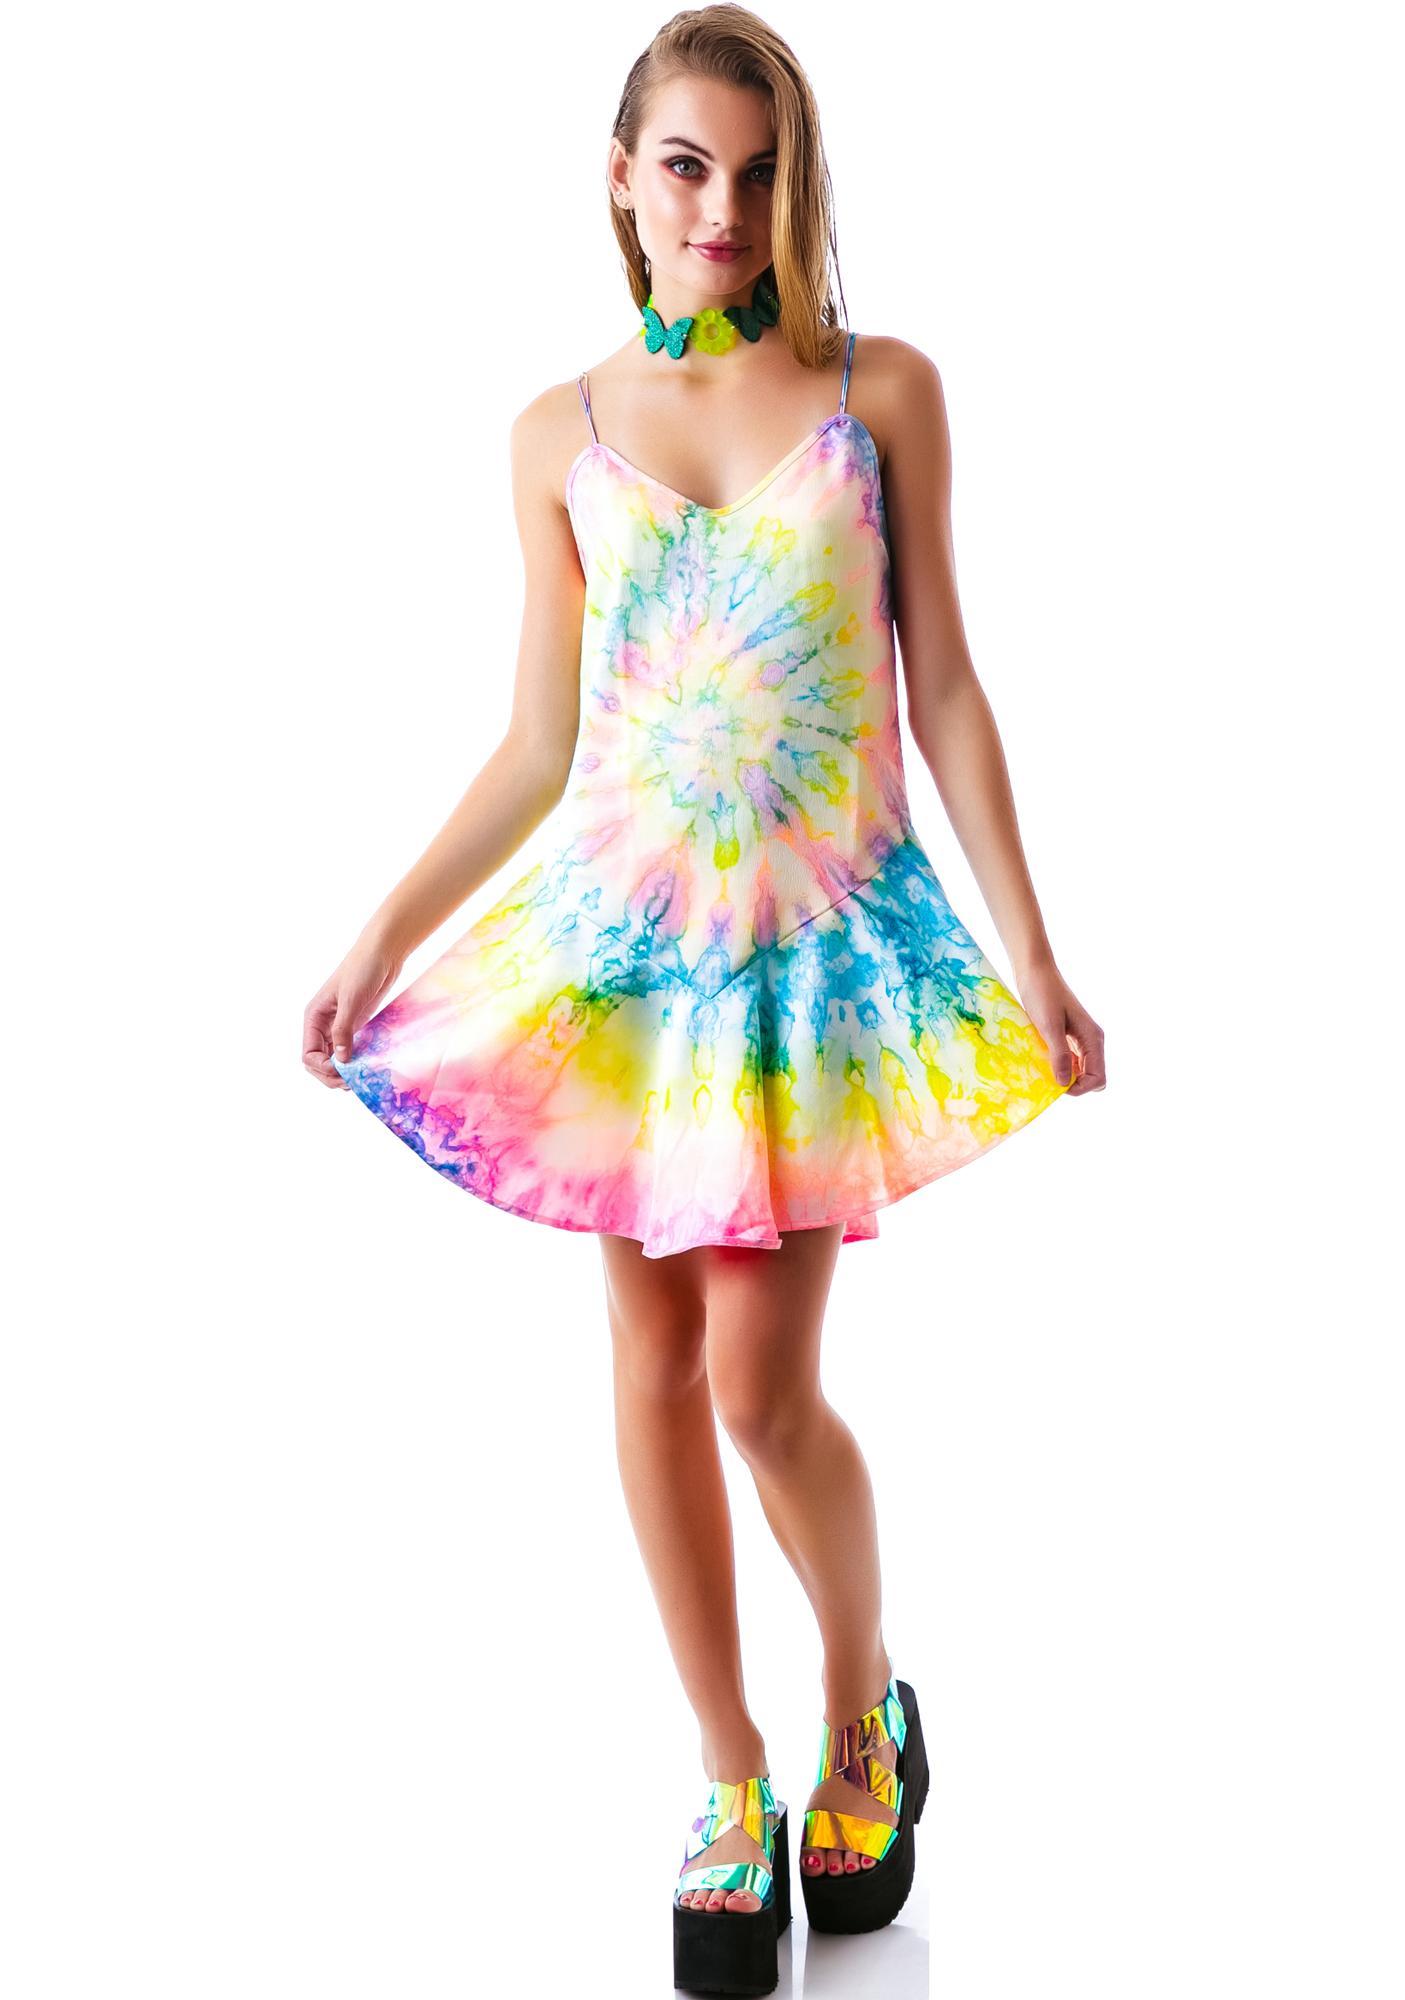 UNIF Tie Dye Charmuse Dress